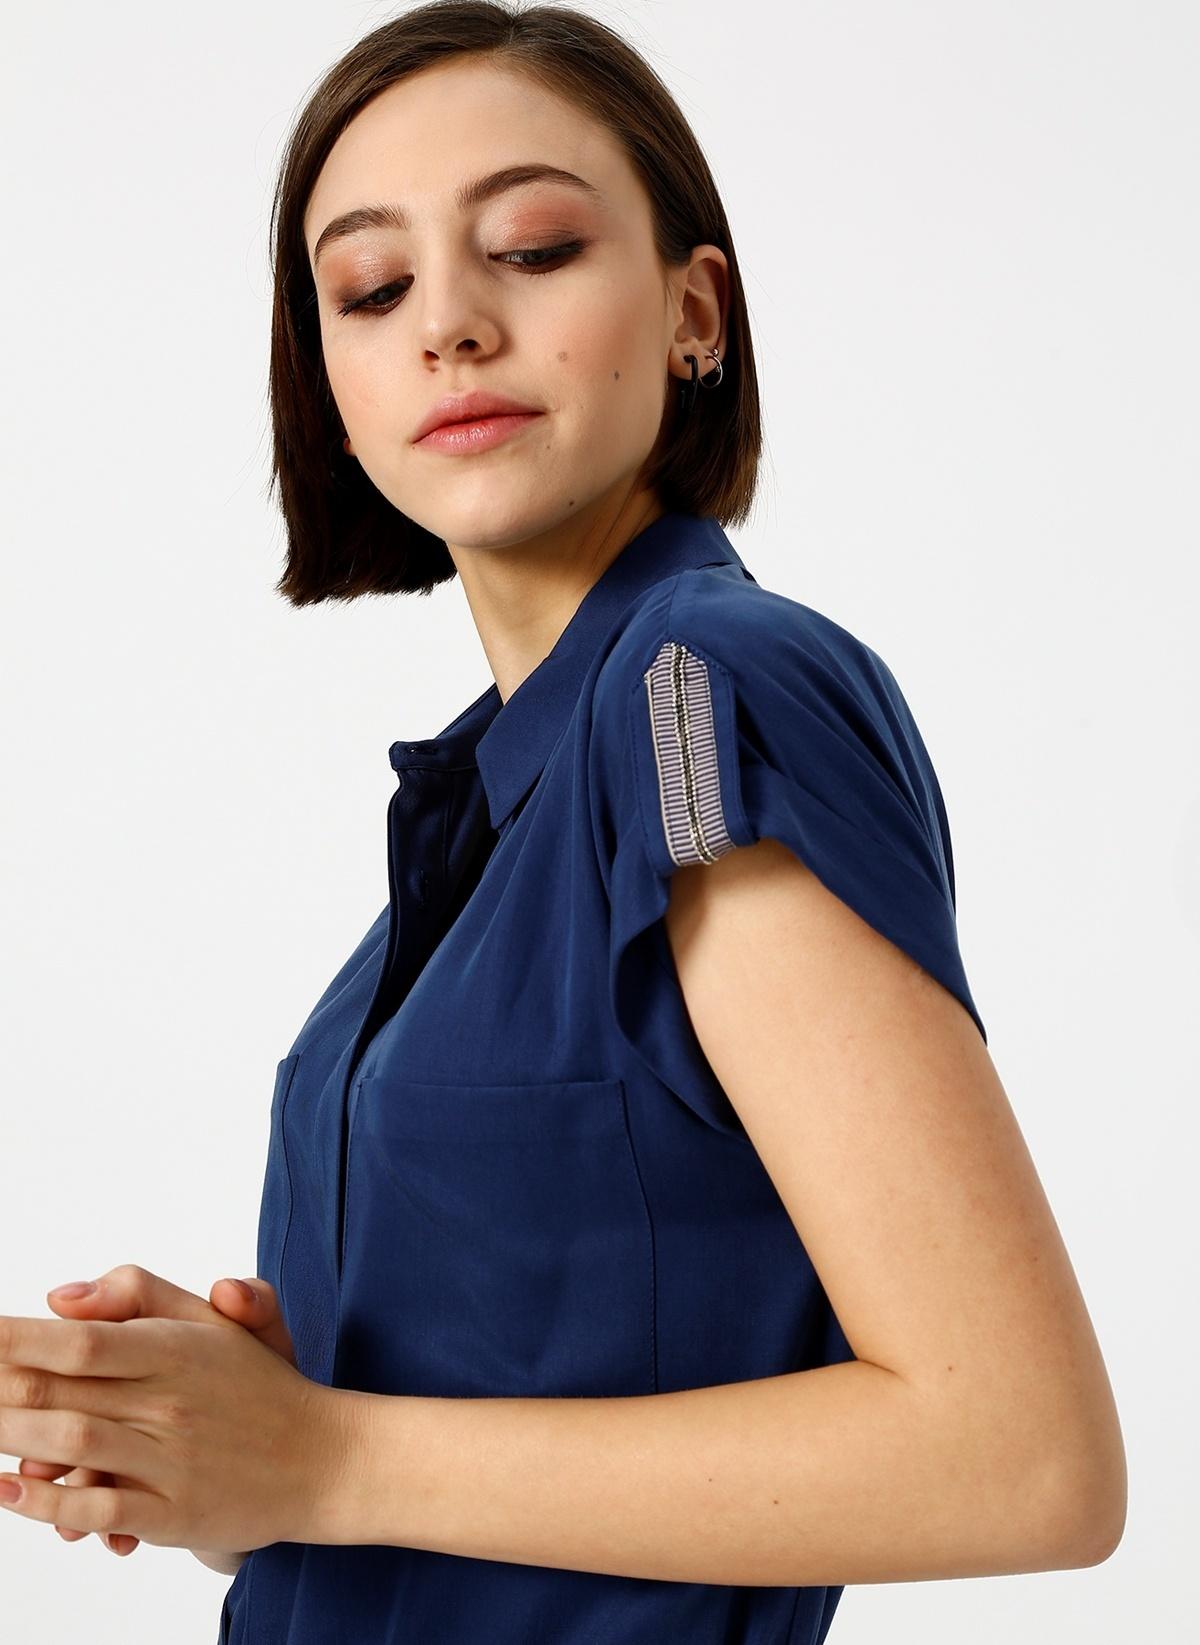 Fabrika Kısa Kollu Gömlek Elbise 19-evıtafabrika Elbise – 334.95 TL